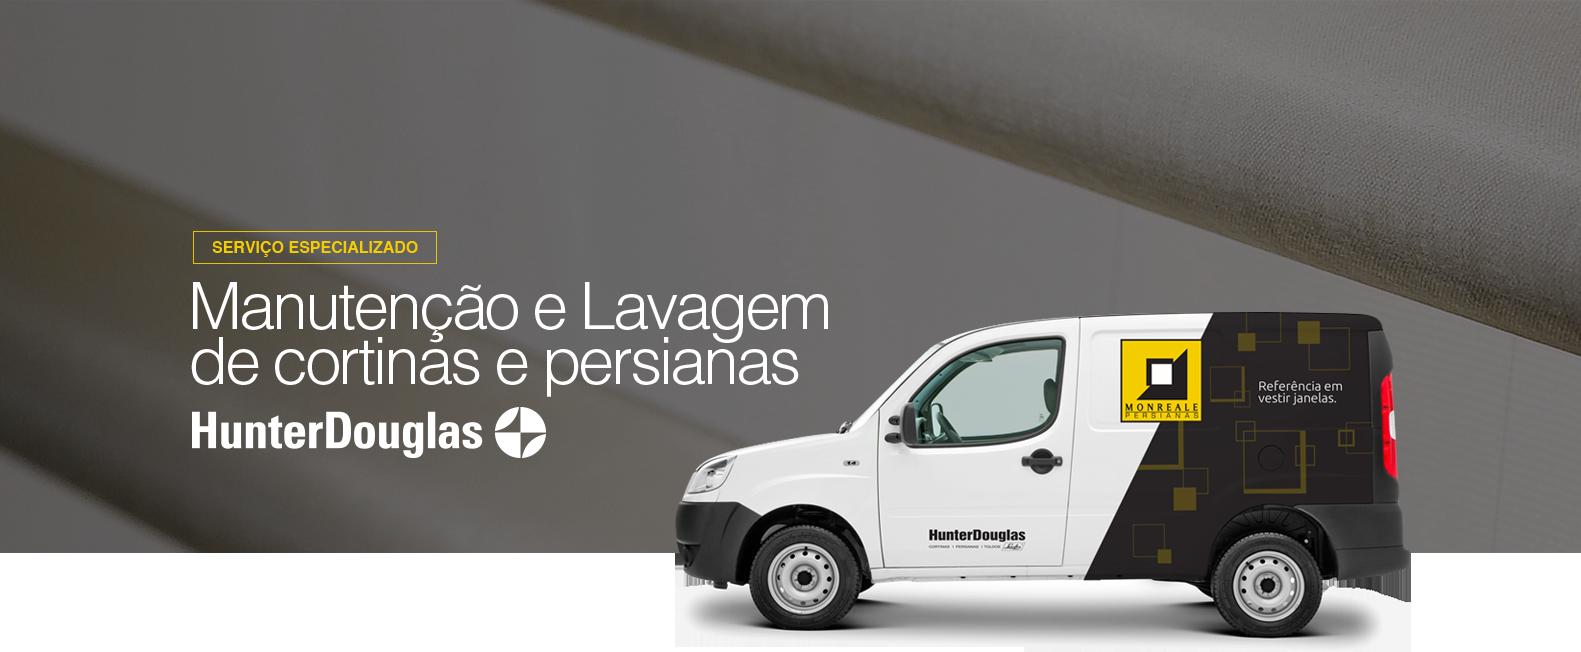 http://monrealepersianas.com.br/wp-content/uploads/2019/02/serviço-especializado.png